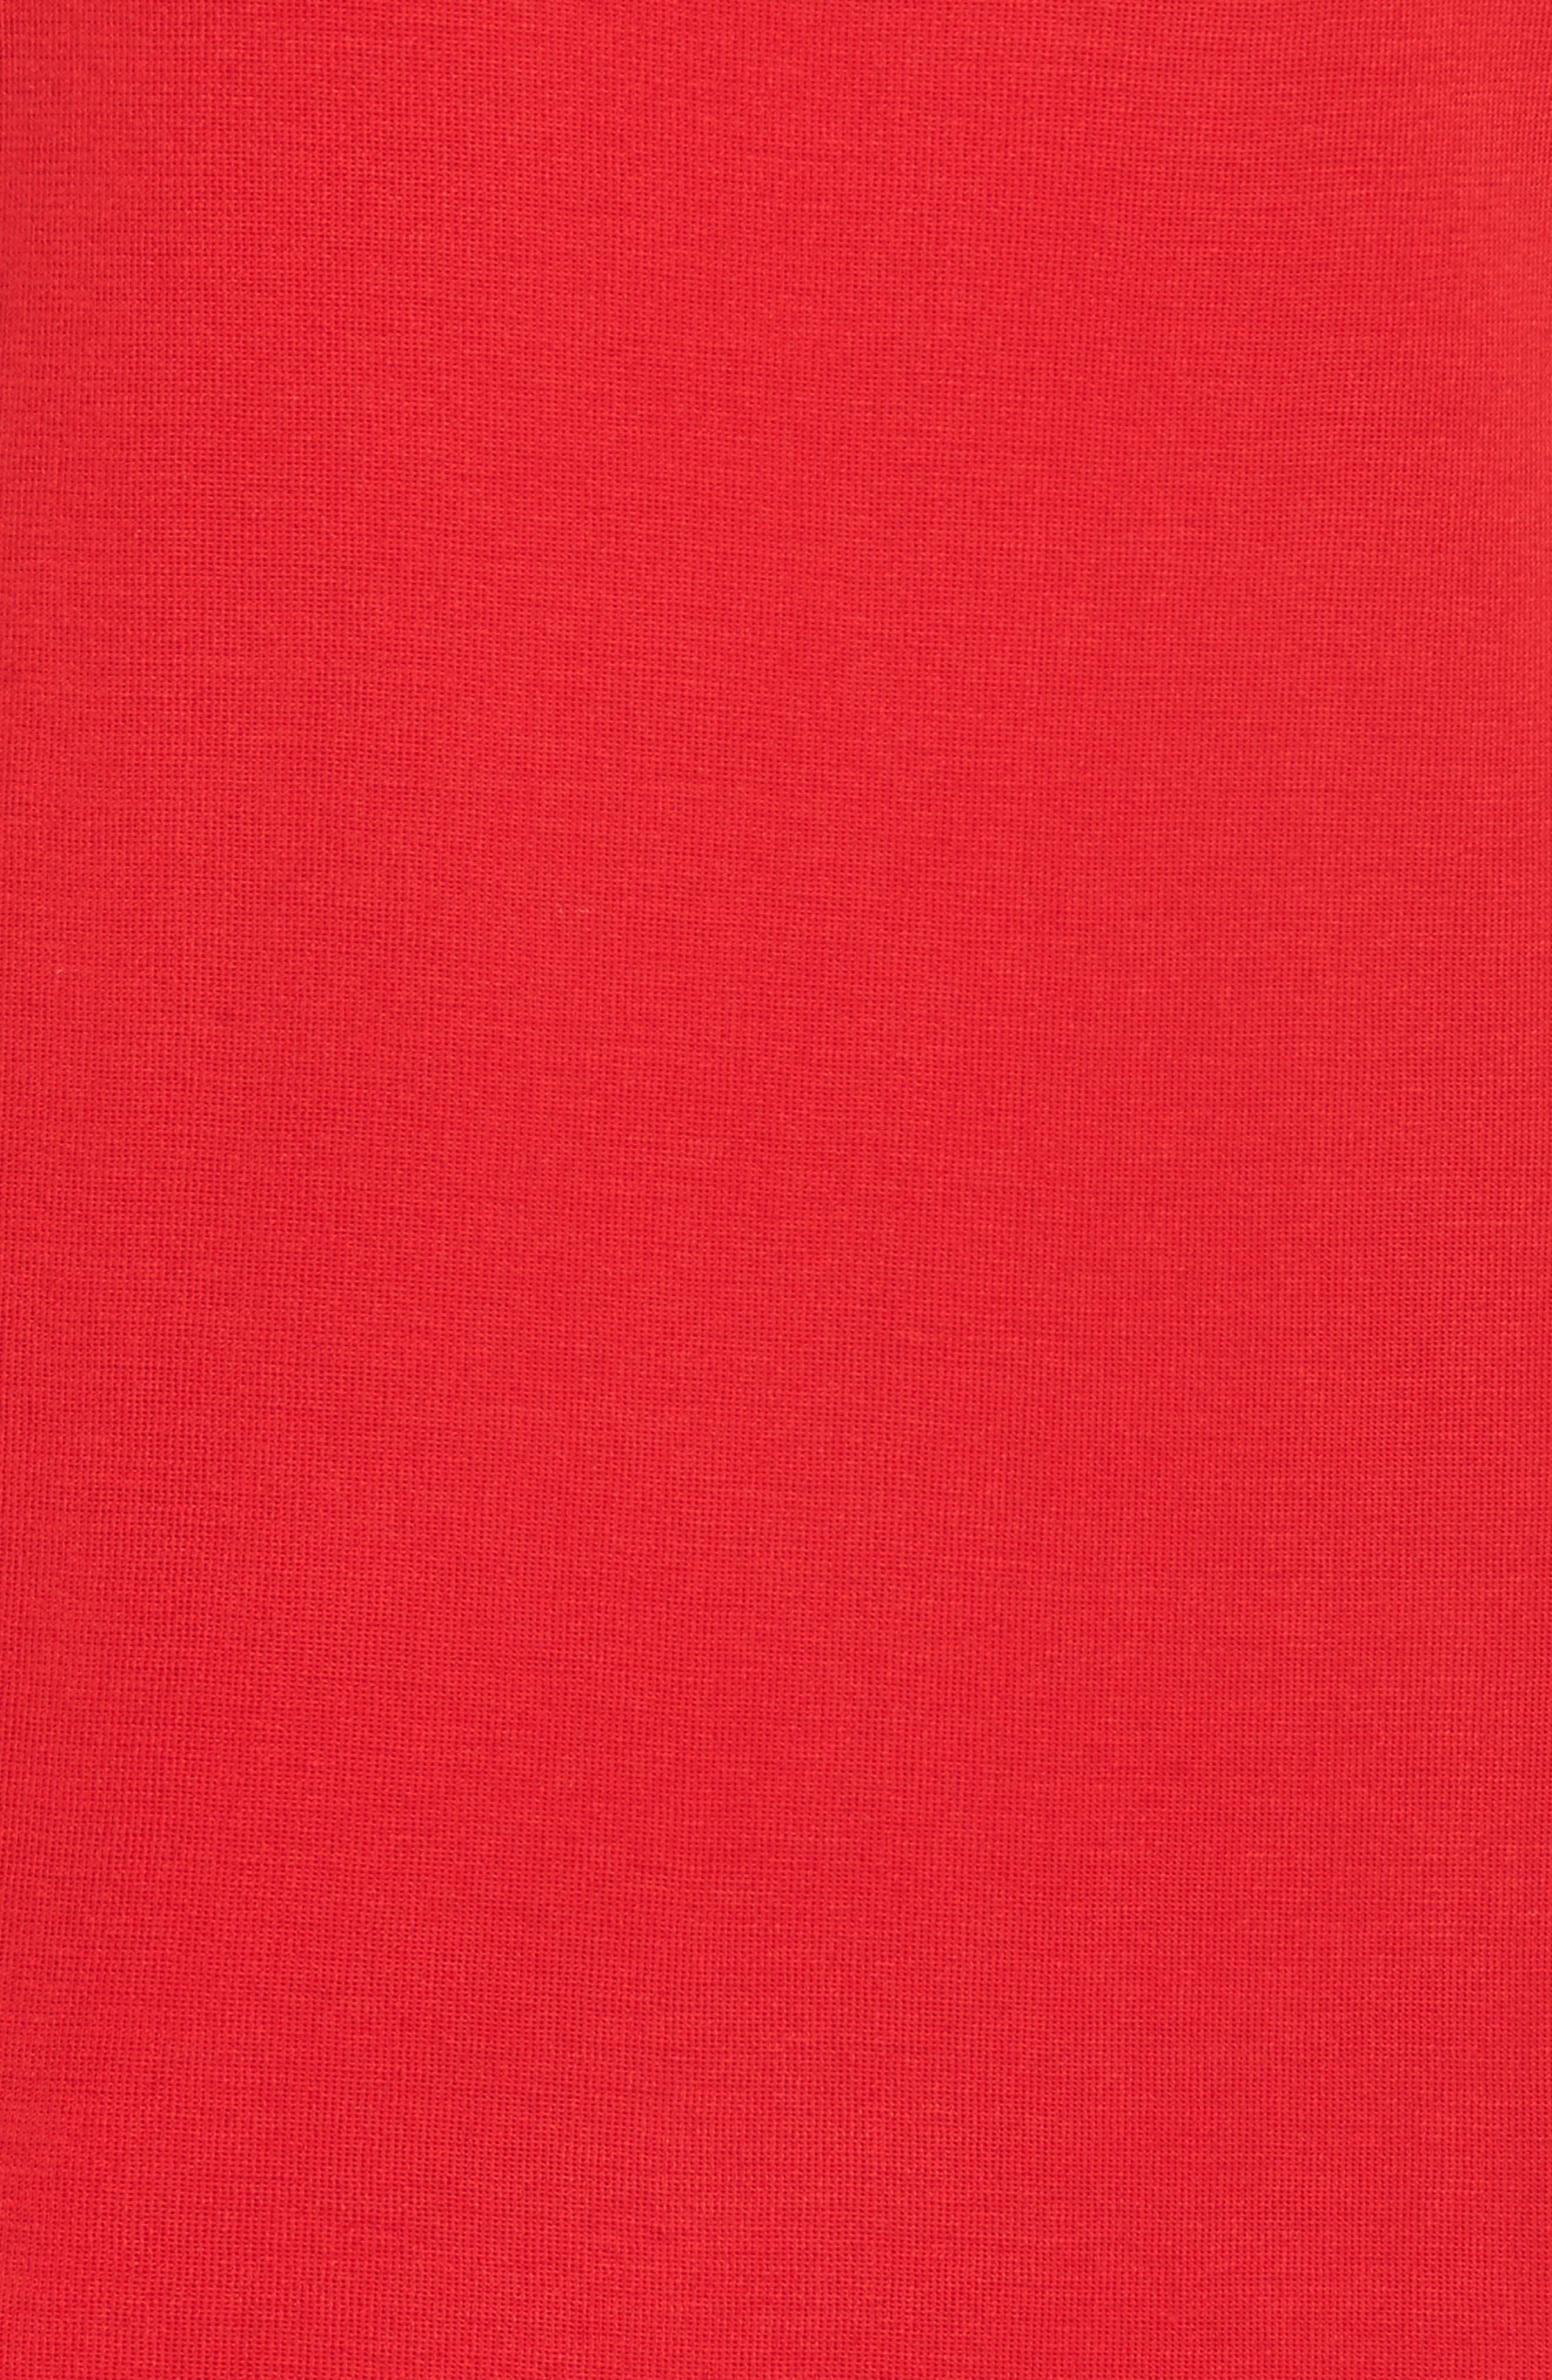 Knit Sheath Dress,                             Alternate thumbnail 5, color,                             608